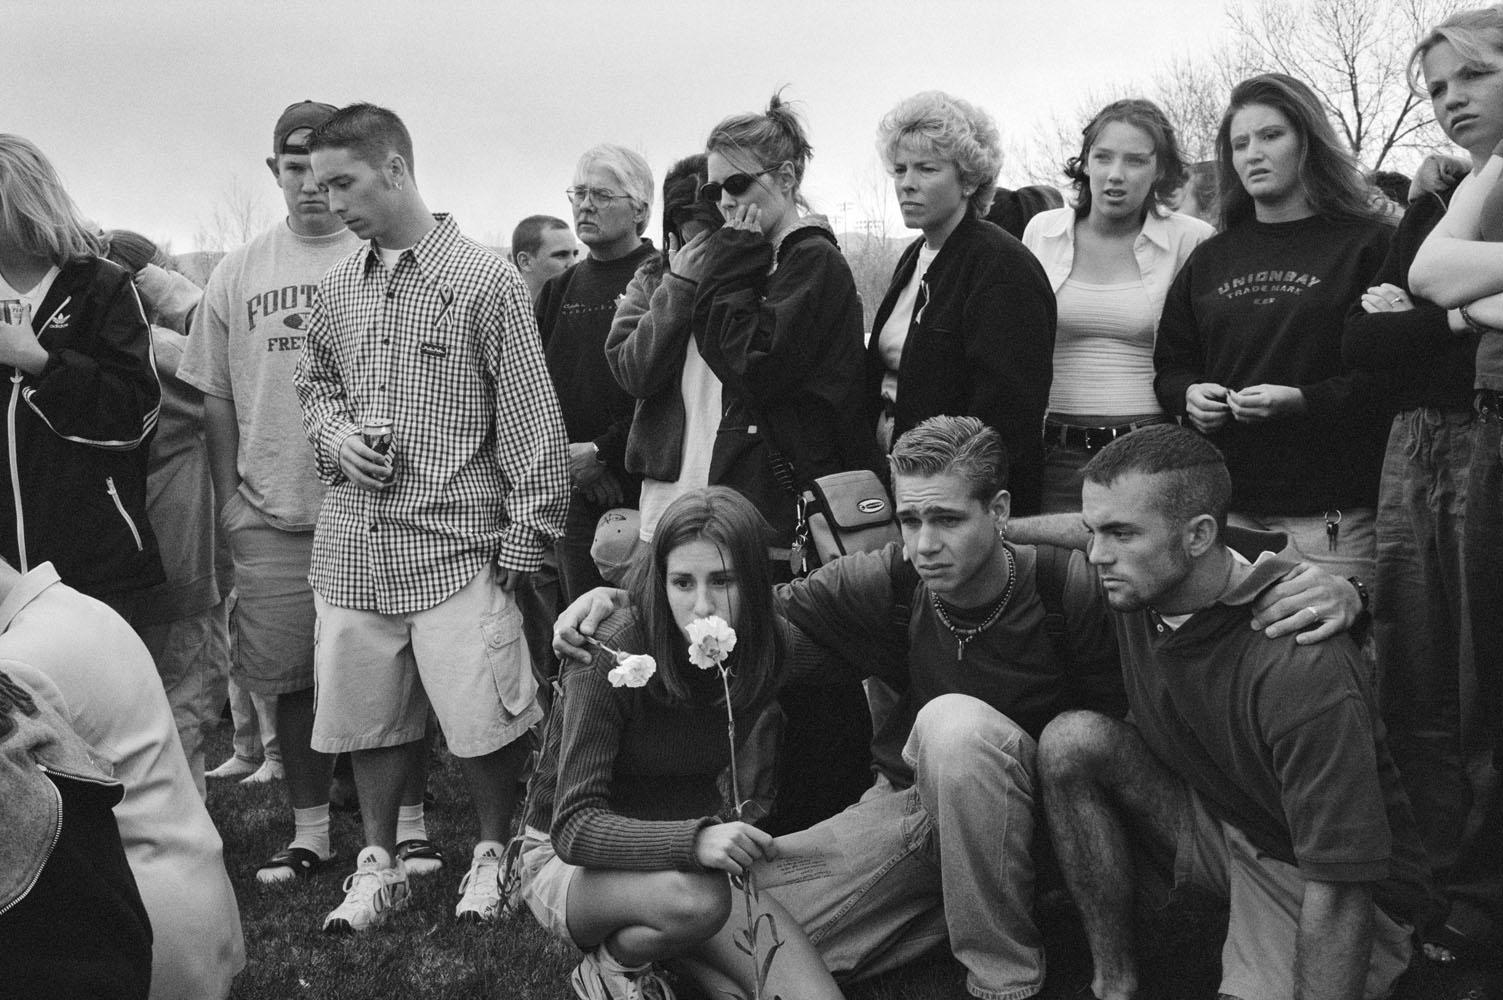 Columbine High School grief